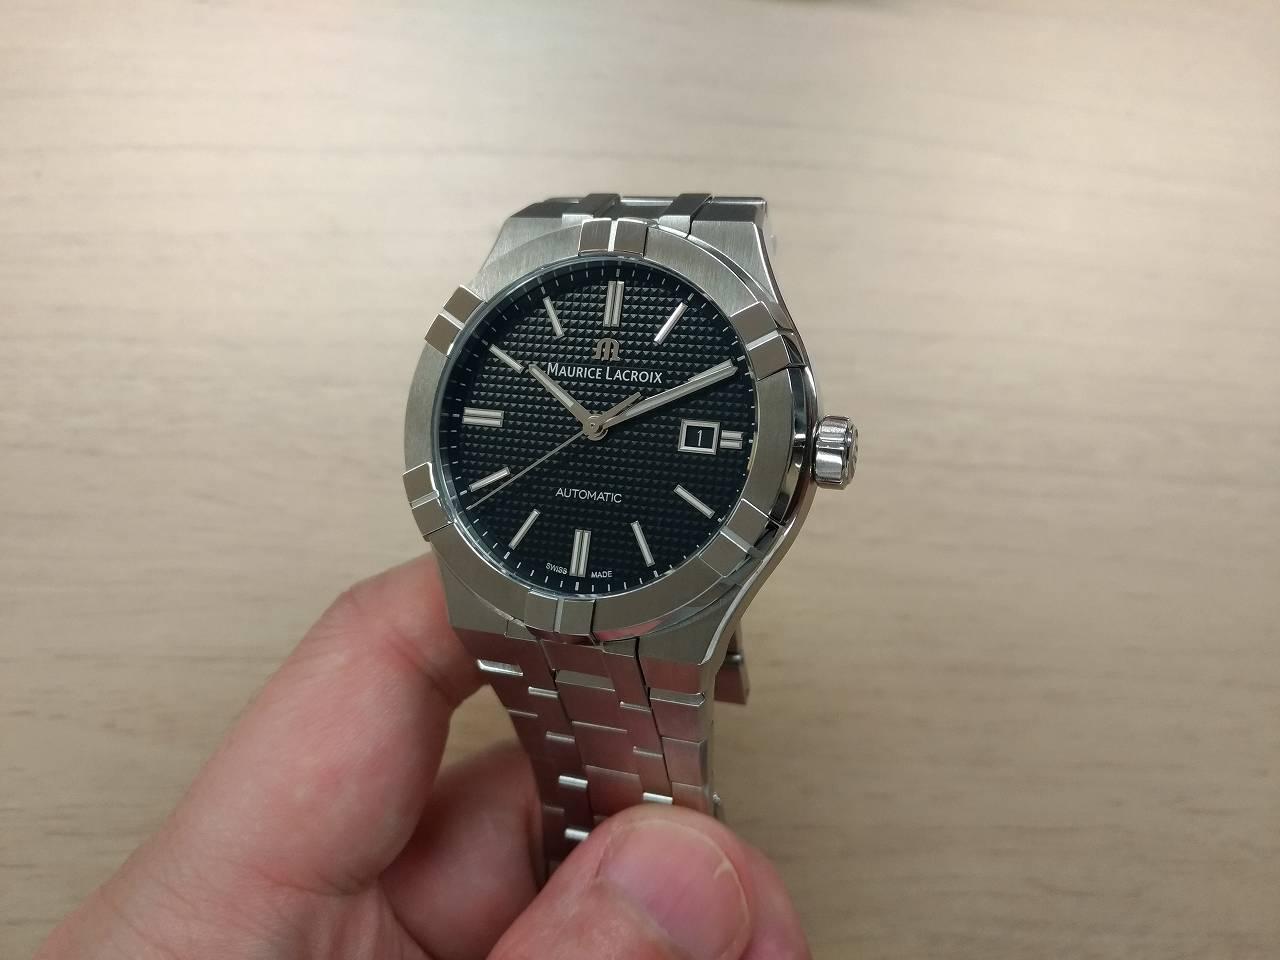 安くても格好良い腕時計 / 高くても格好良くない腕時計